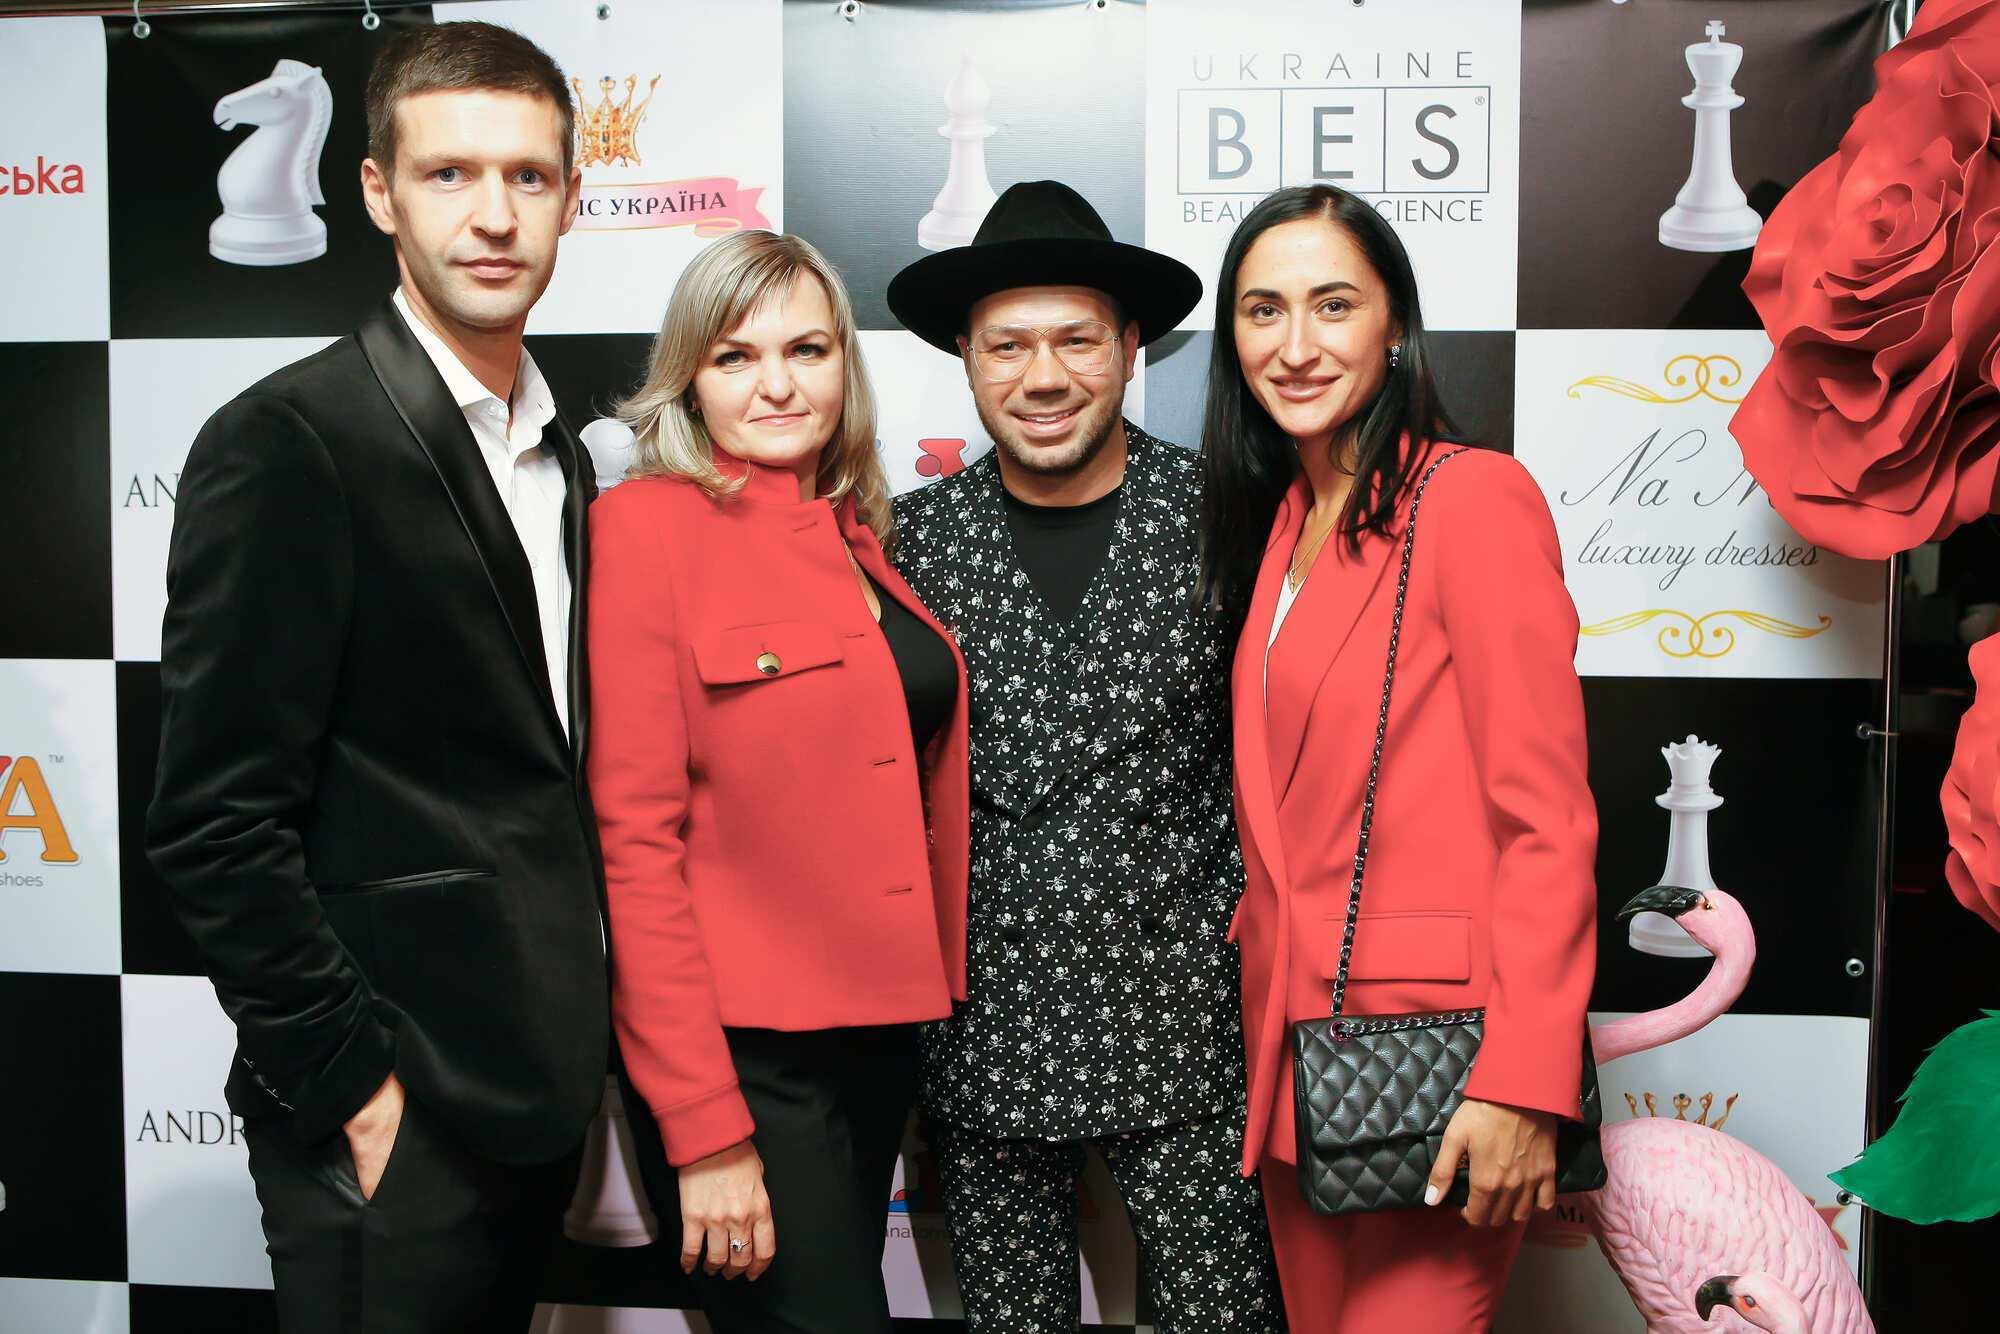 Andre Tan Easy був створений спільно з брендом взуття LIYA